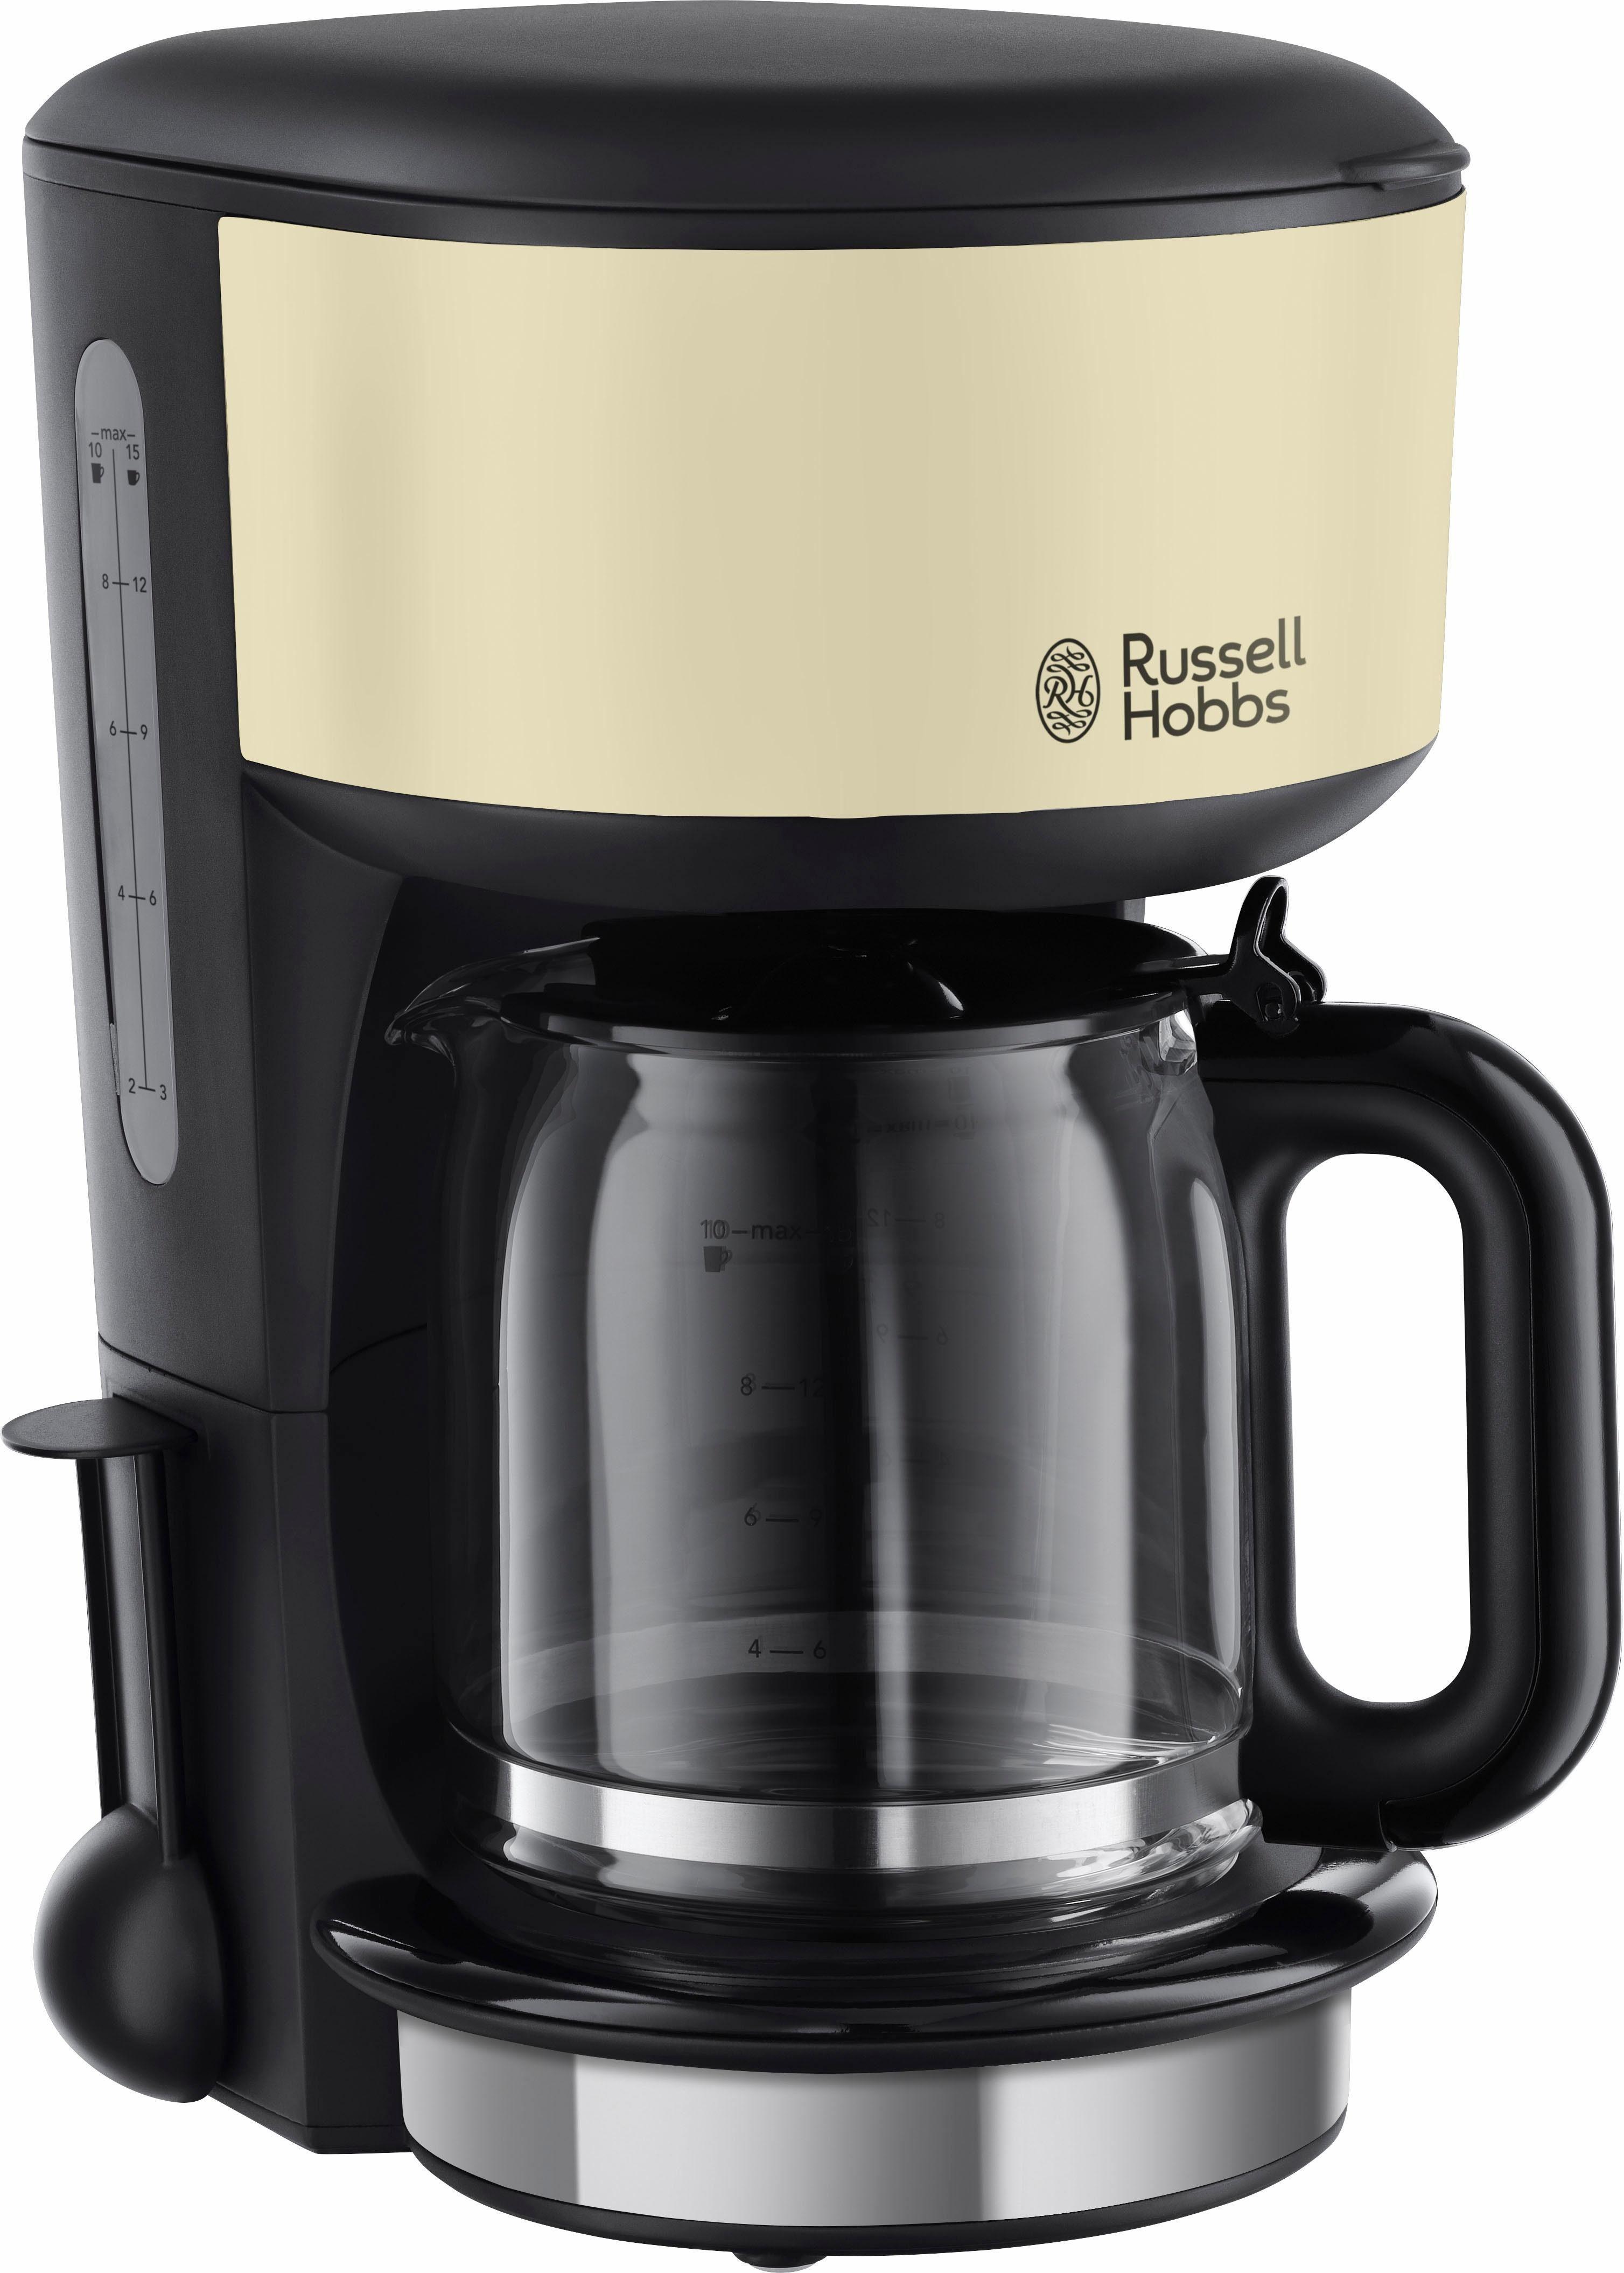 RUSSELL HOBBS Filterkaffeemaschine Colours Plus+ Classic Cream 20135-56, 1,25l Kaffeekanne, Papierfilter 1x4